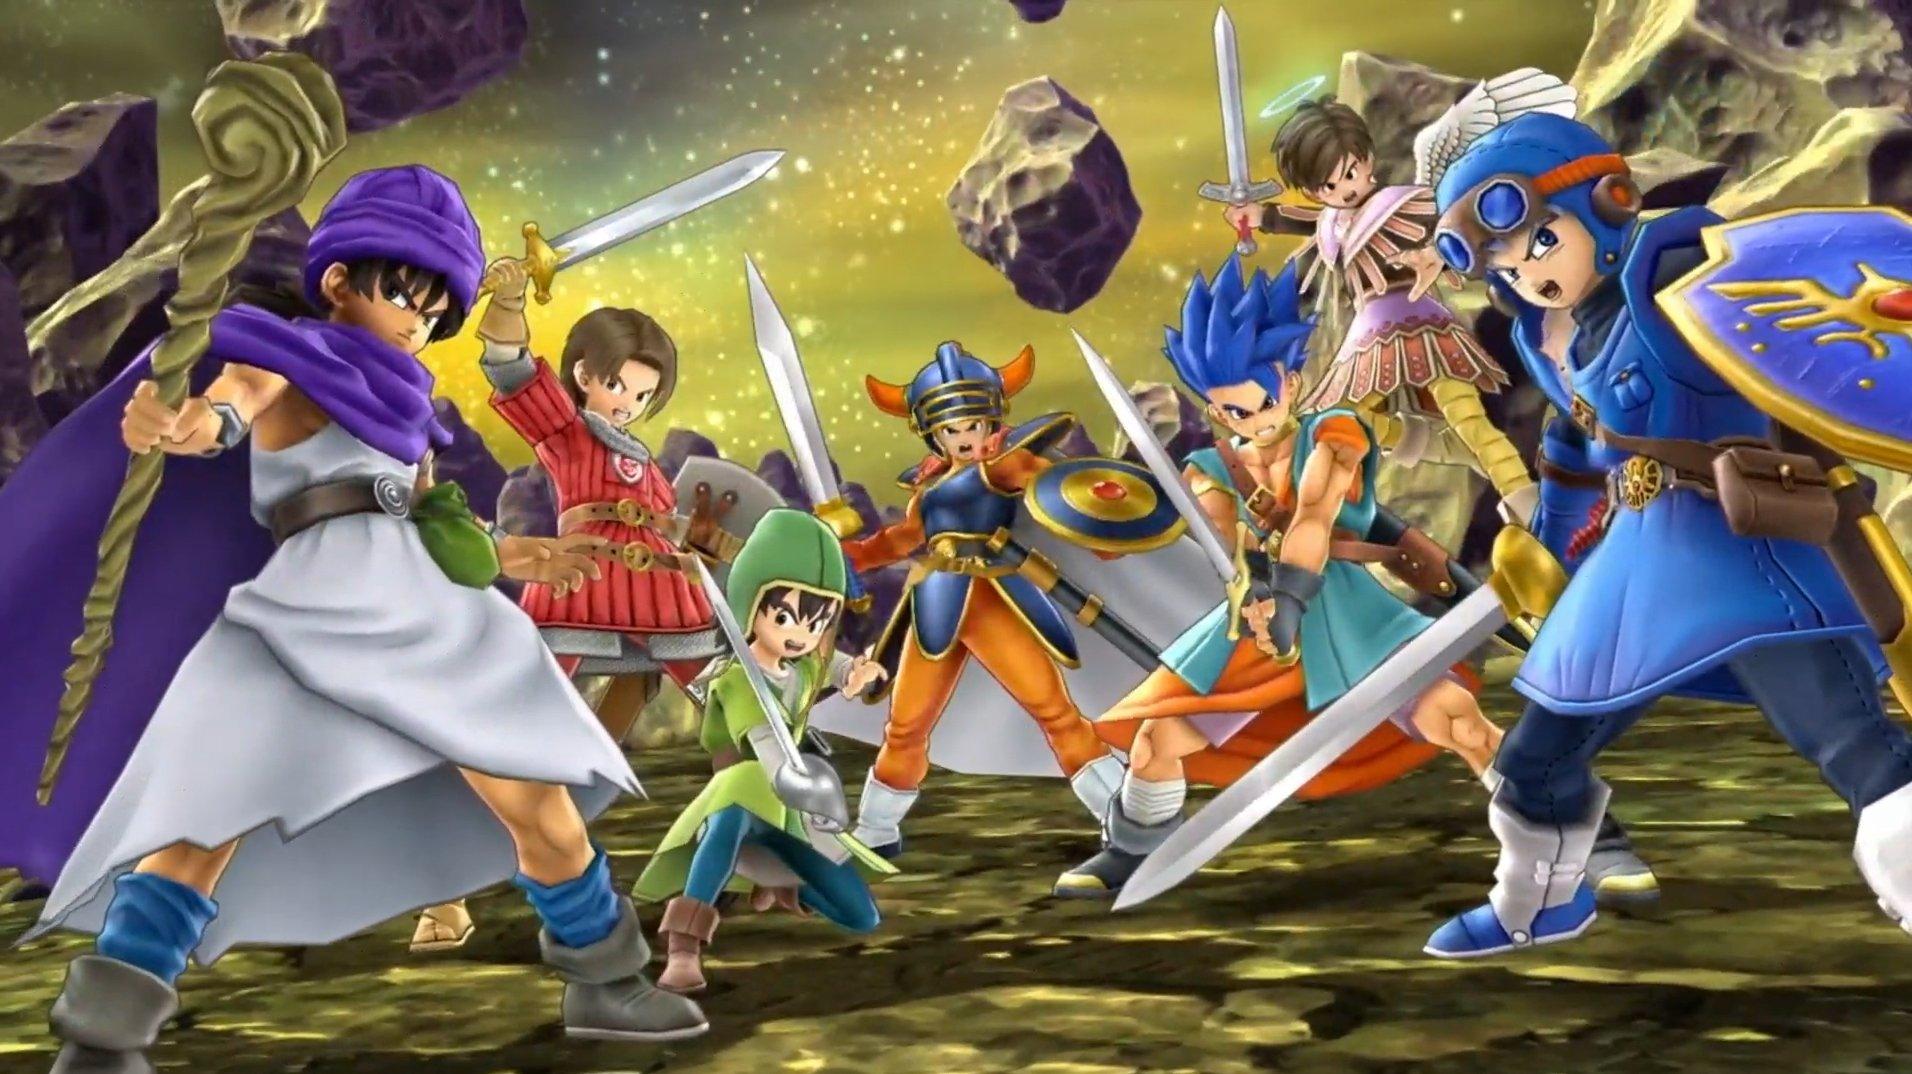 Dragon Quest Hero révélé comme le prochain combattant de Smash Ultimate DLC